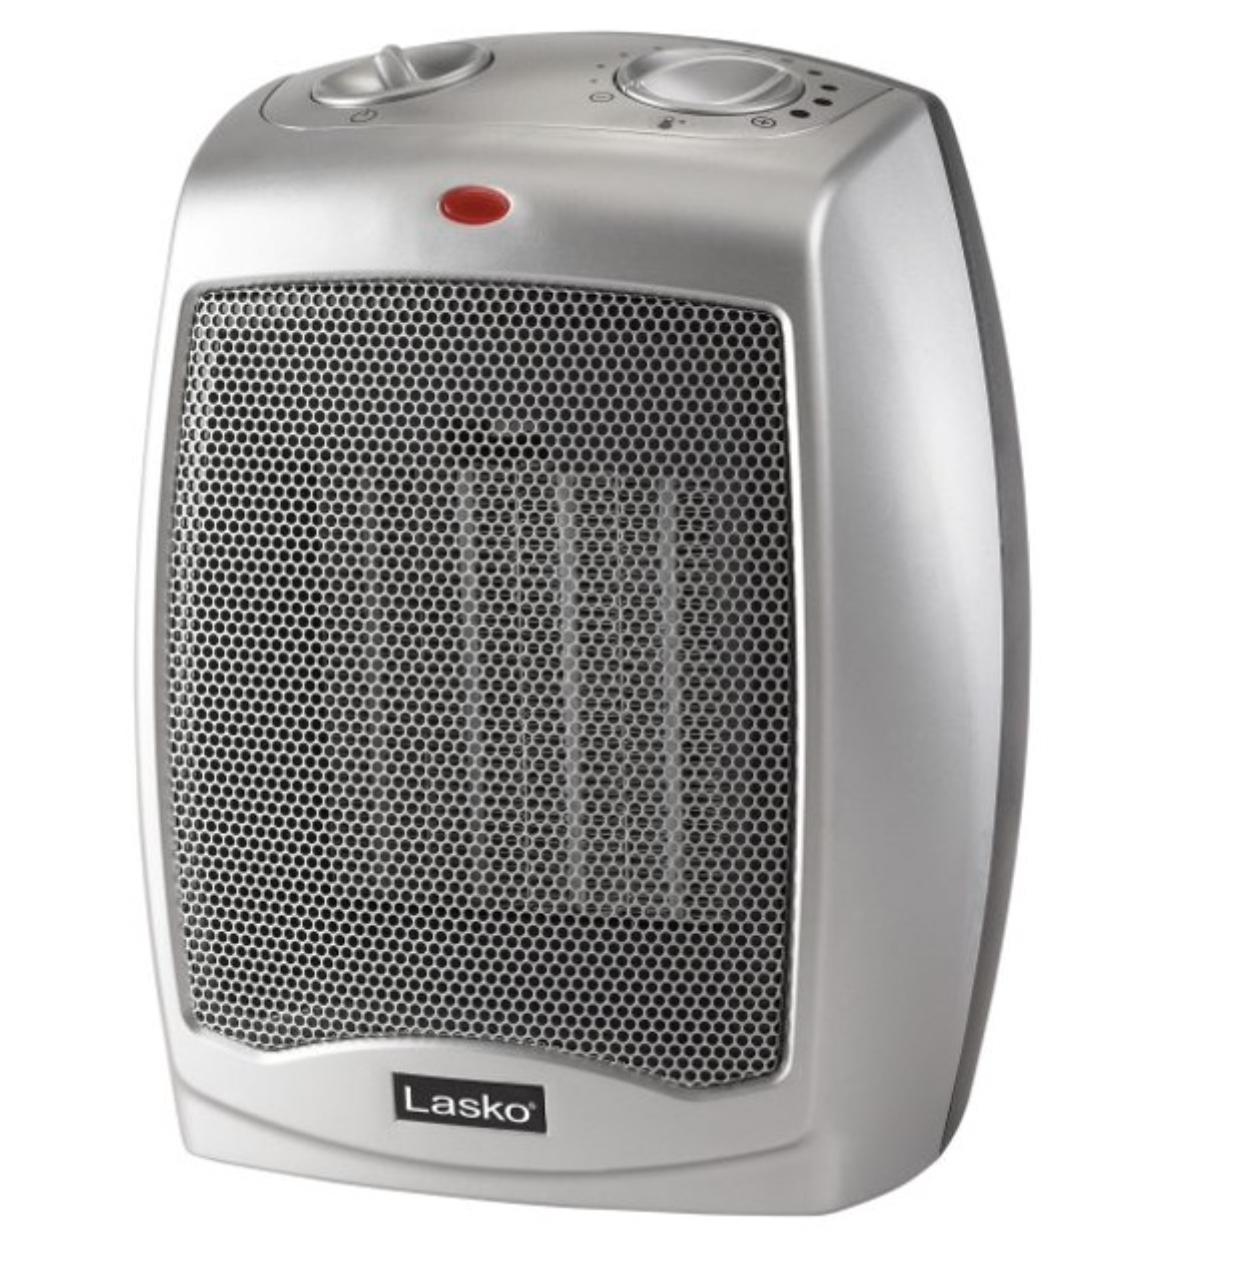 Lasko 1500W Ceramic Space Heater